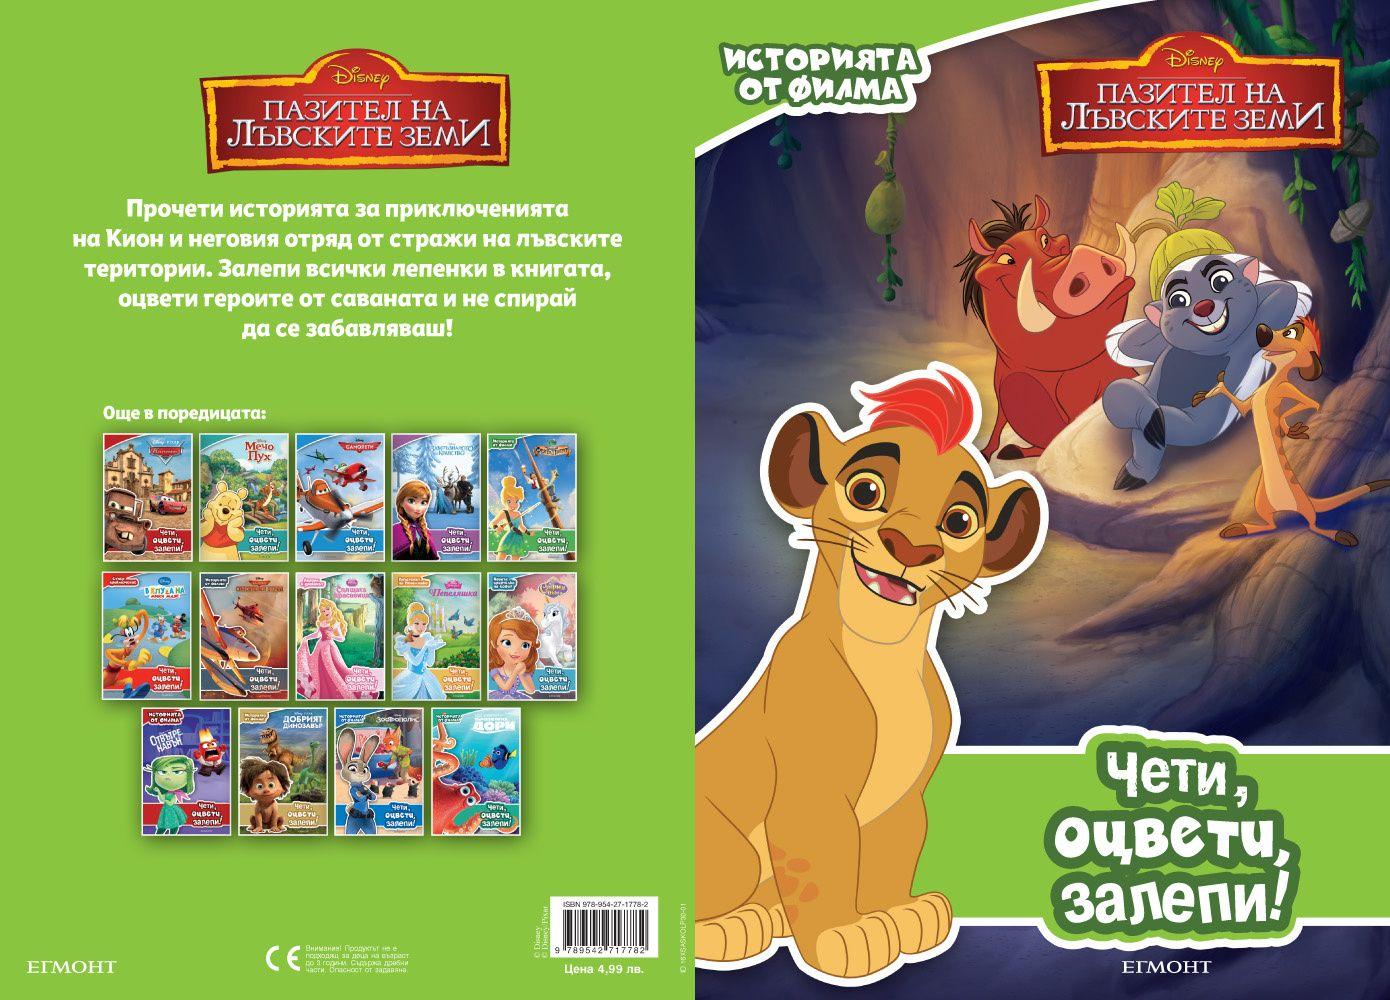 Чети, оцвети, залепи!: Пазител на лъвските земи. Историята от филма - 2